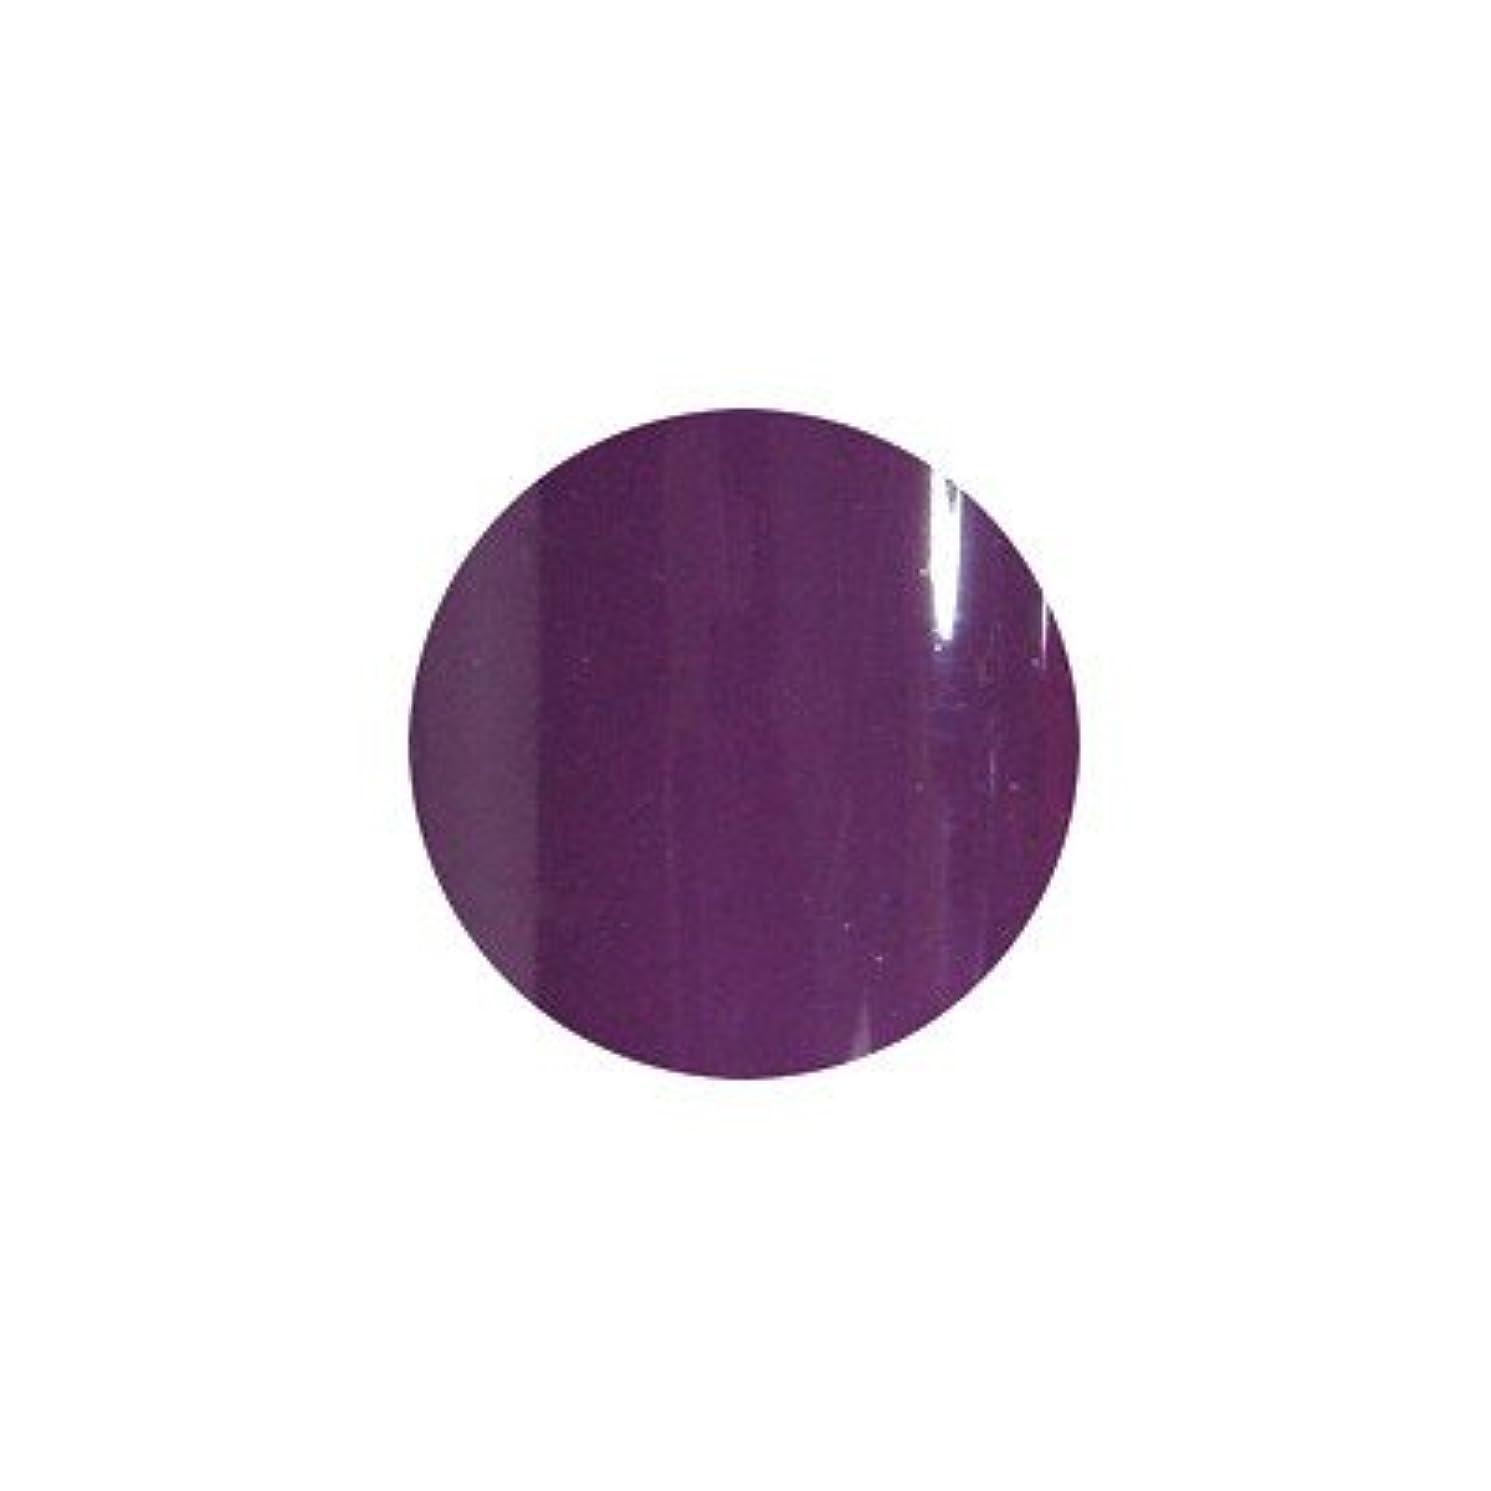 ポイントワードローブ落ち着かないsacra カラージェル No.026 紫式部